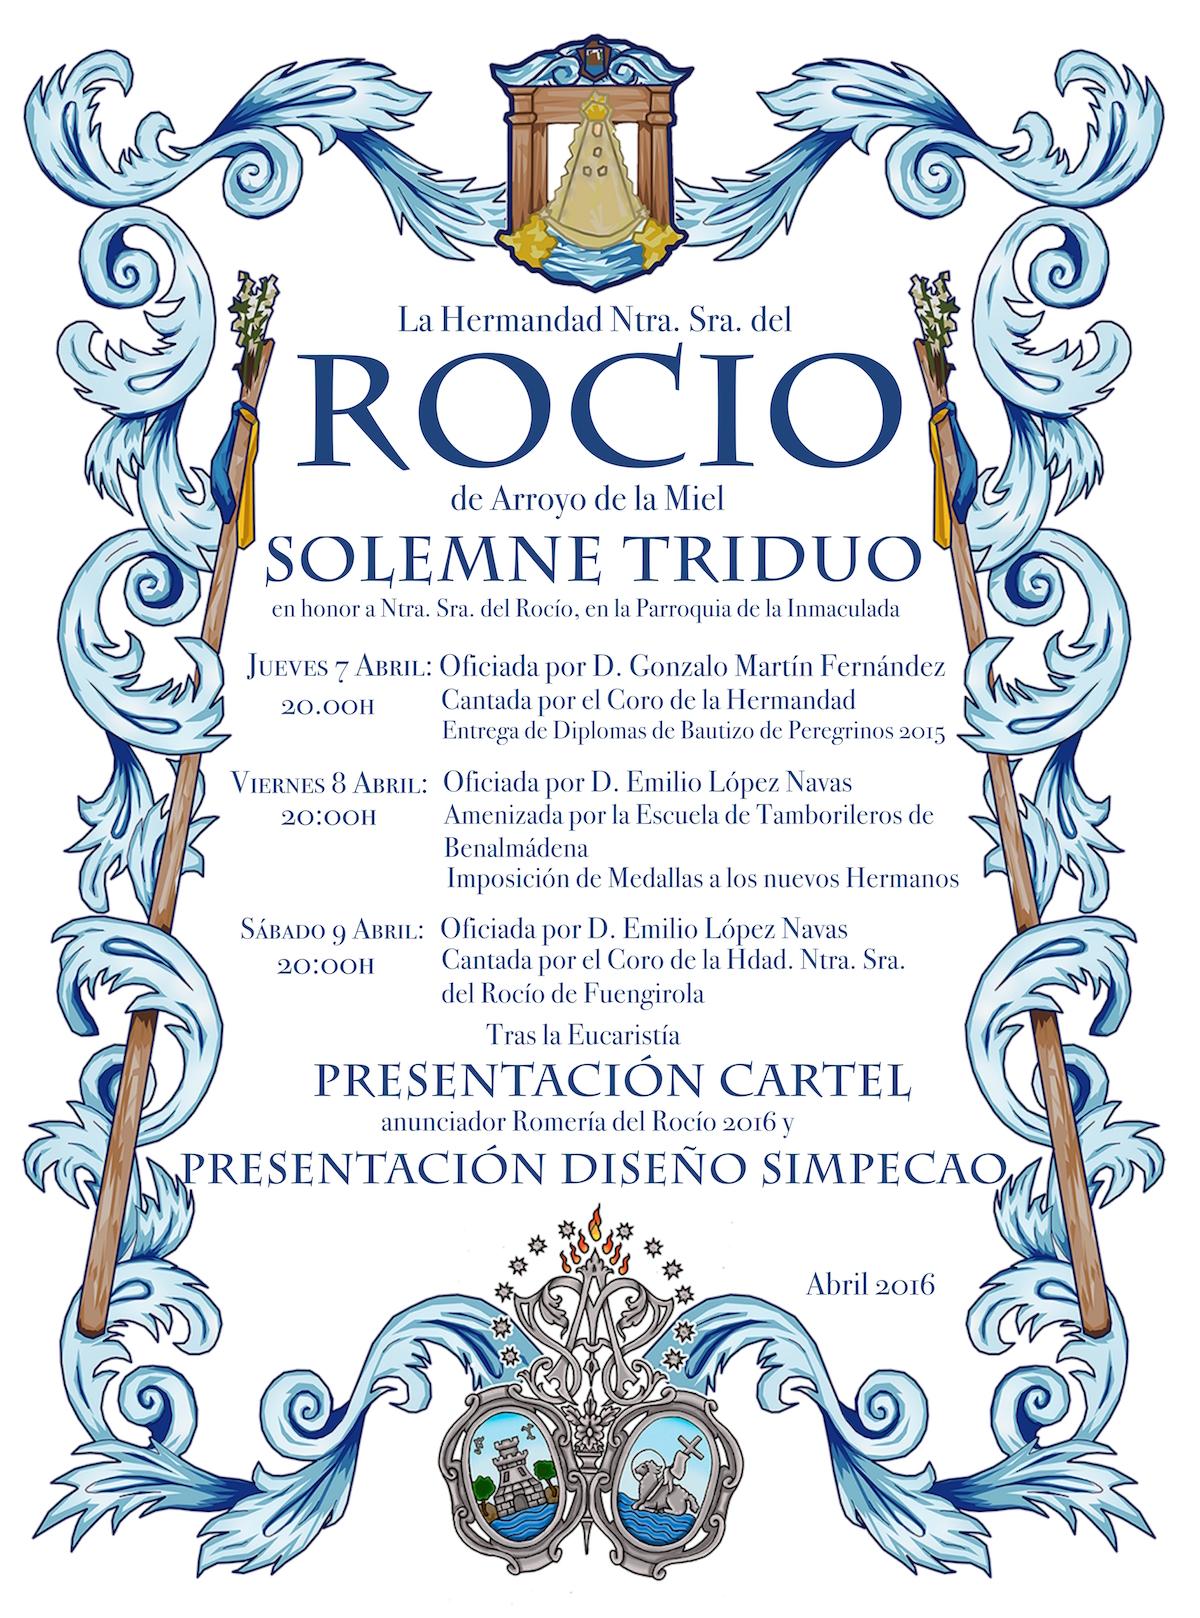 Arroyo de la Miel Triduo Rocío 2016